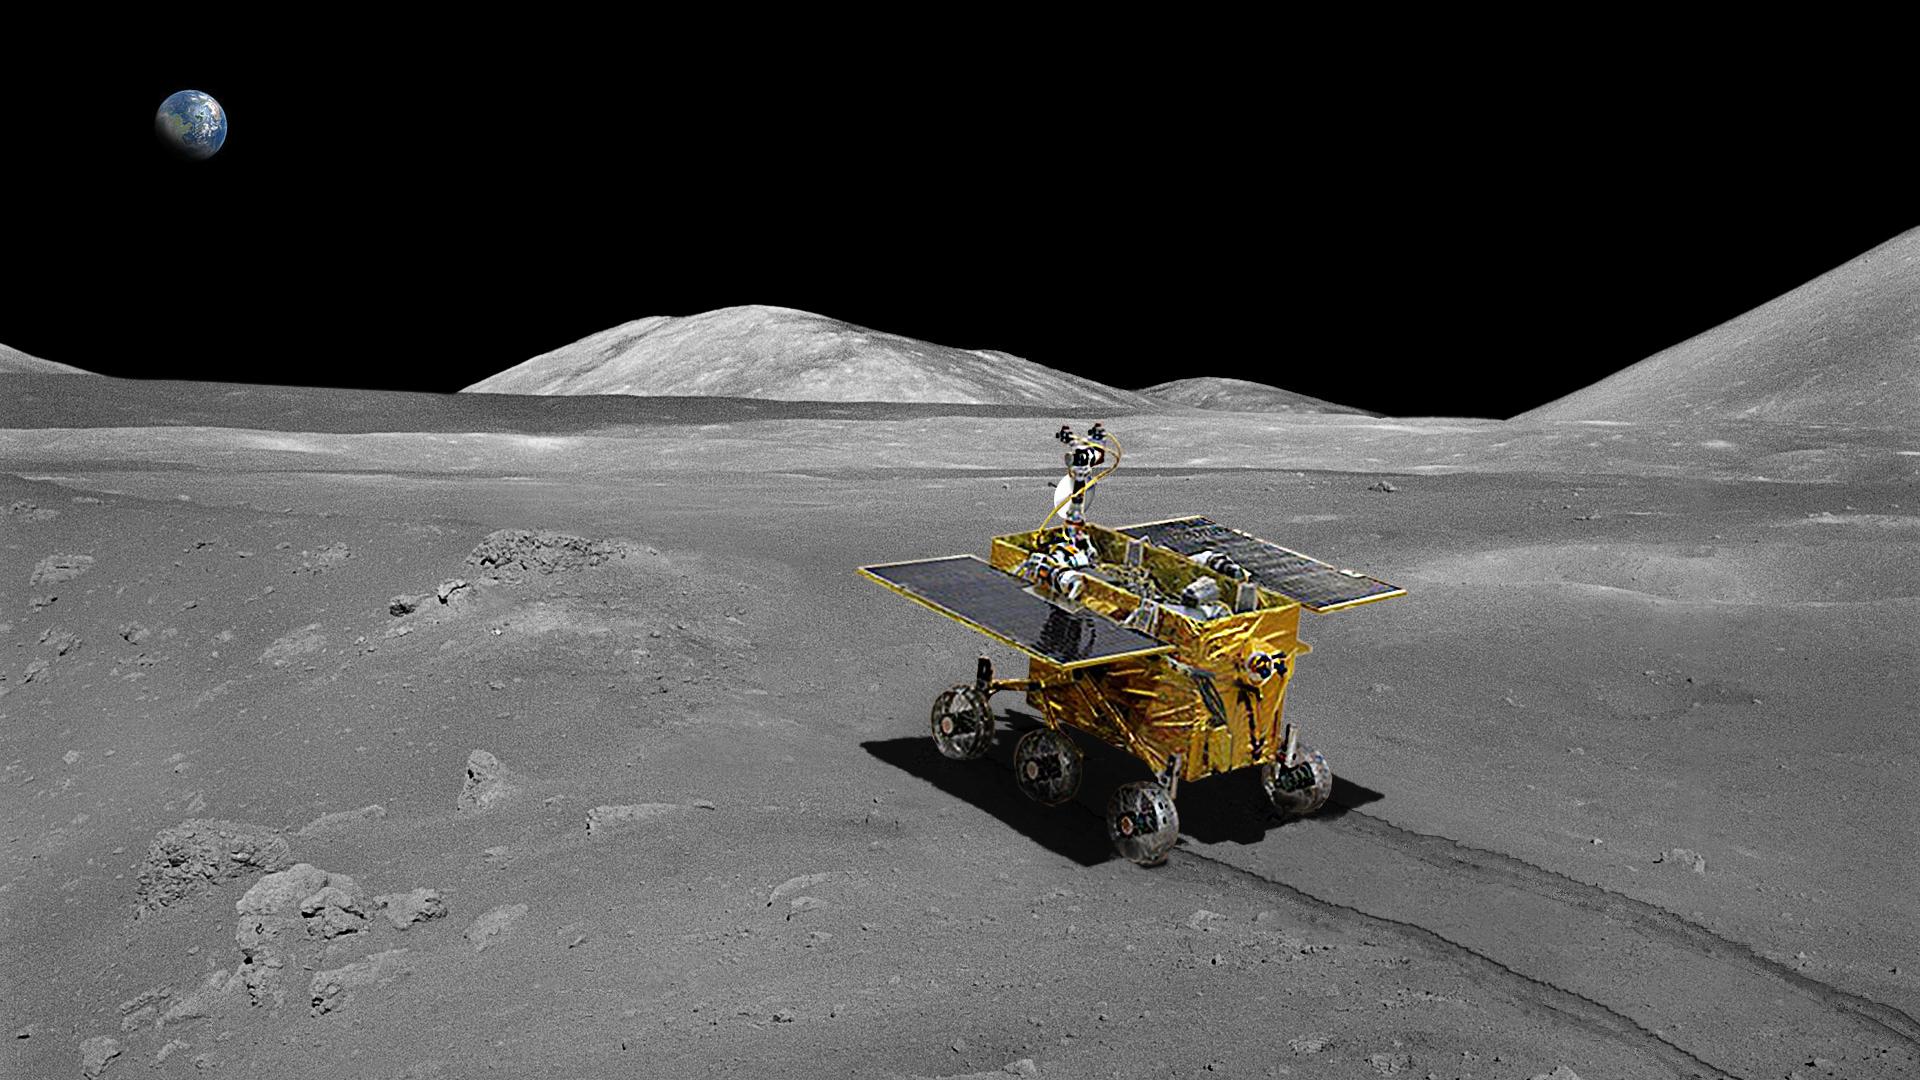 паспарту вся фото лунохода на луне может